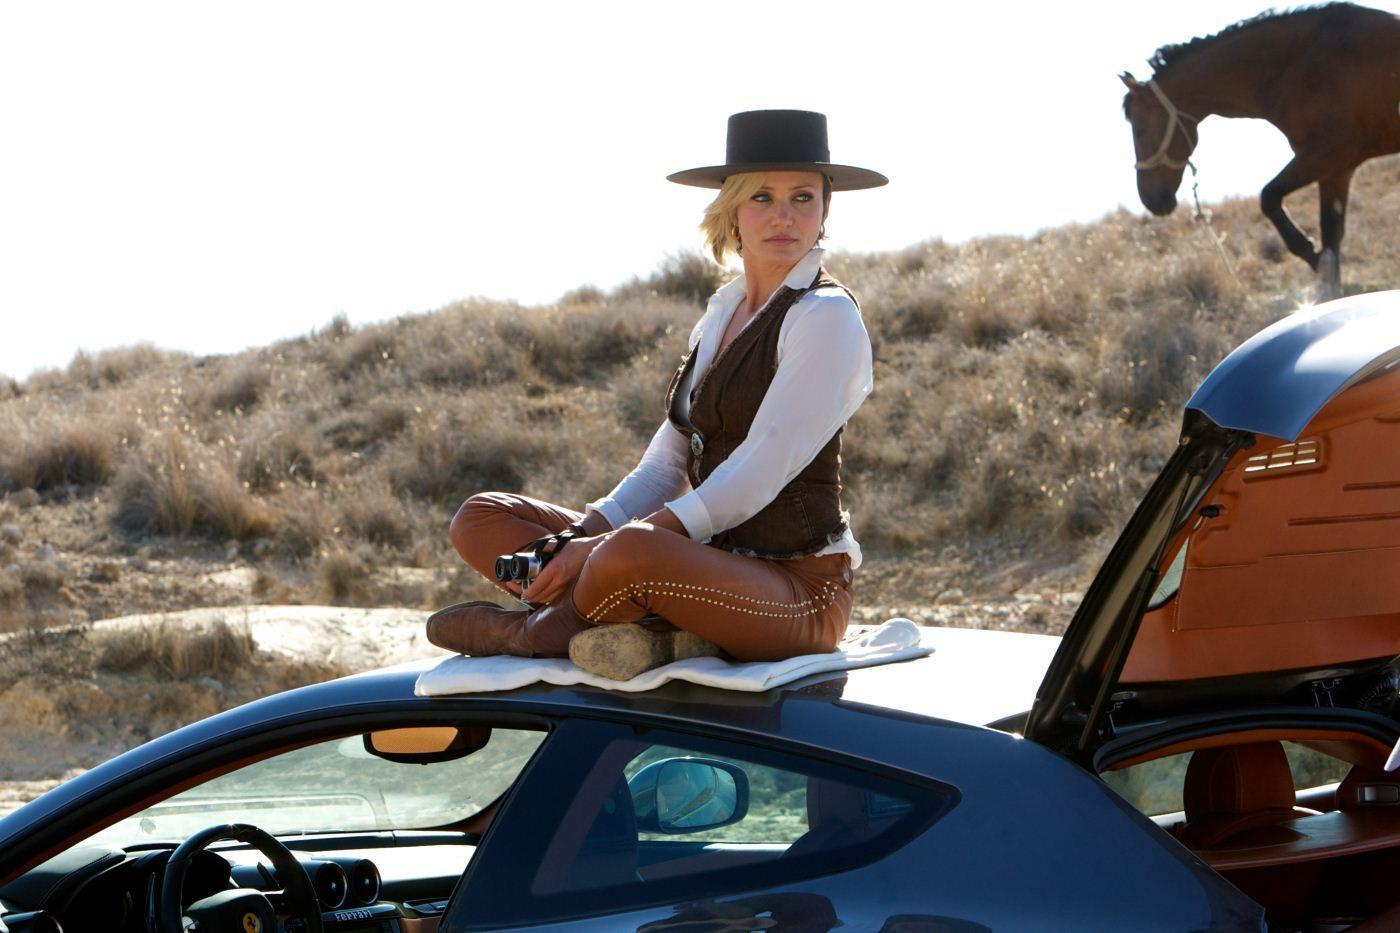 卡梅隆·迪亚茨复古出境  甜姐卡梅隆·迪亚茨女牛仔造型出现在荒凉郊野